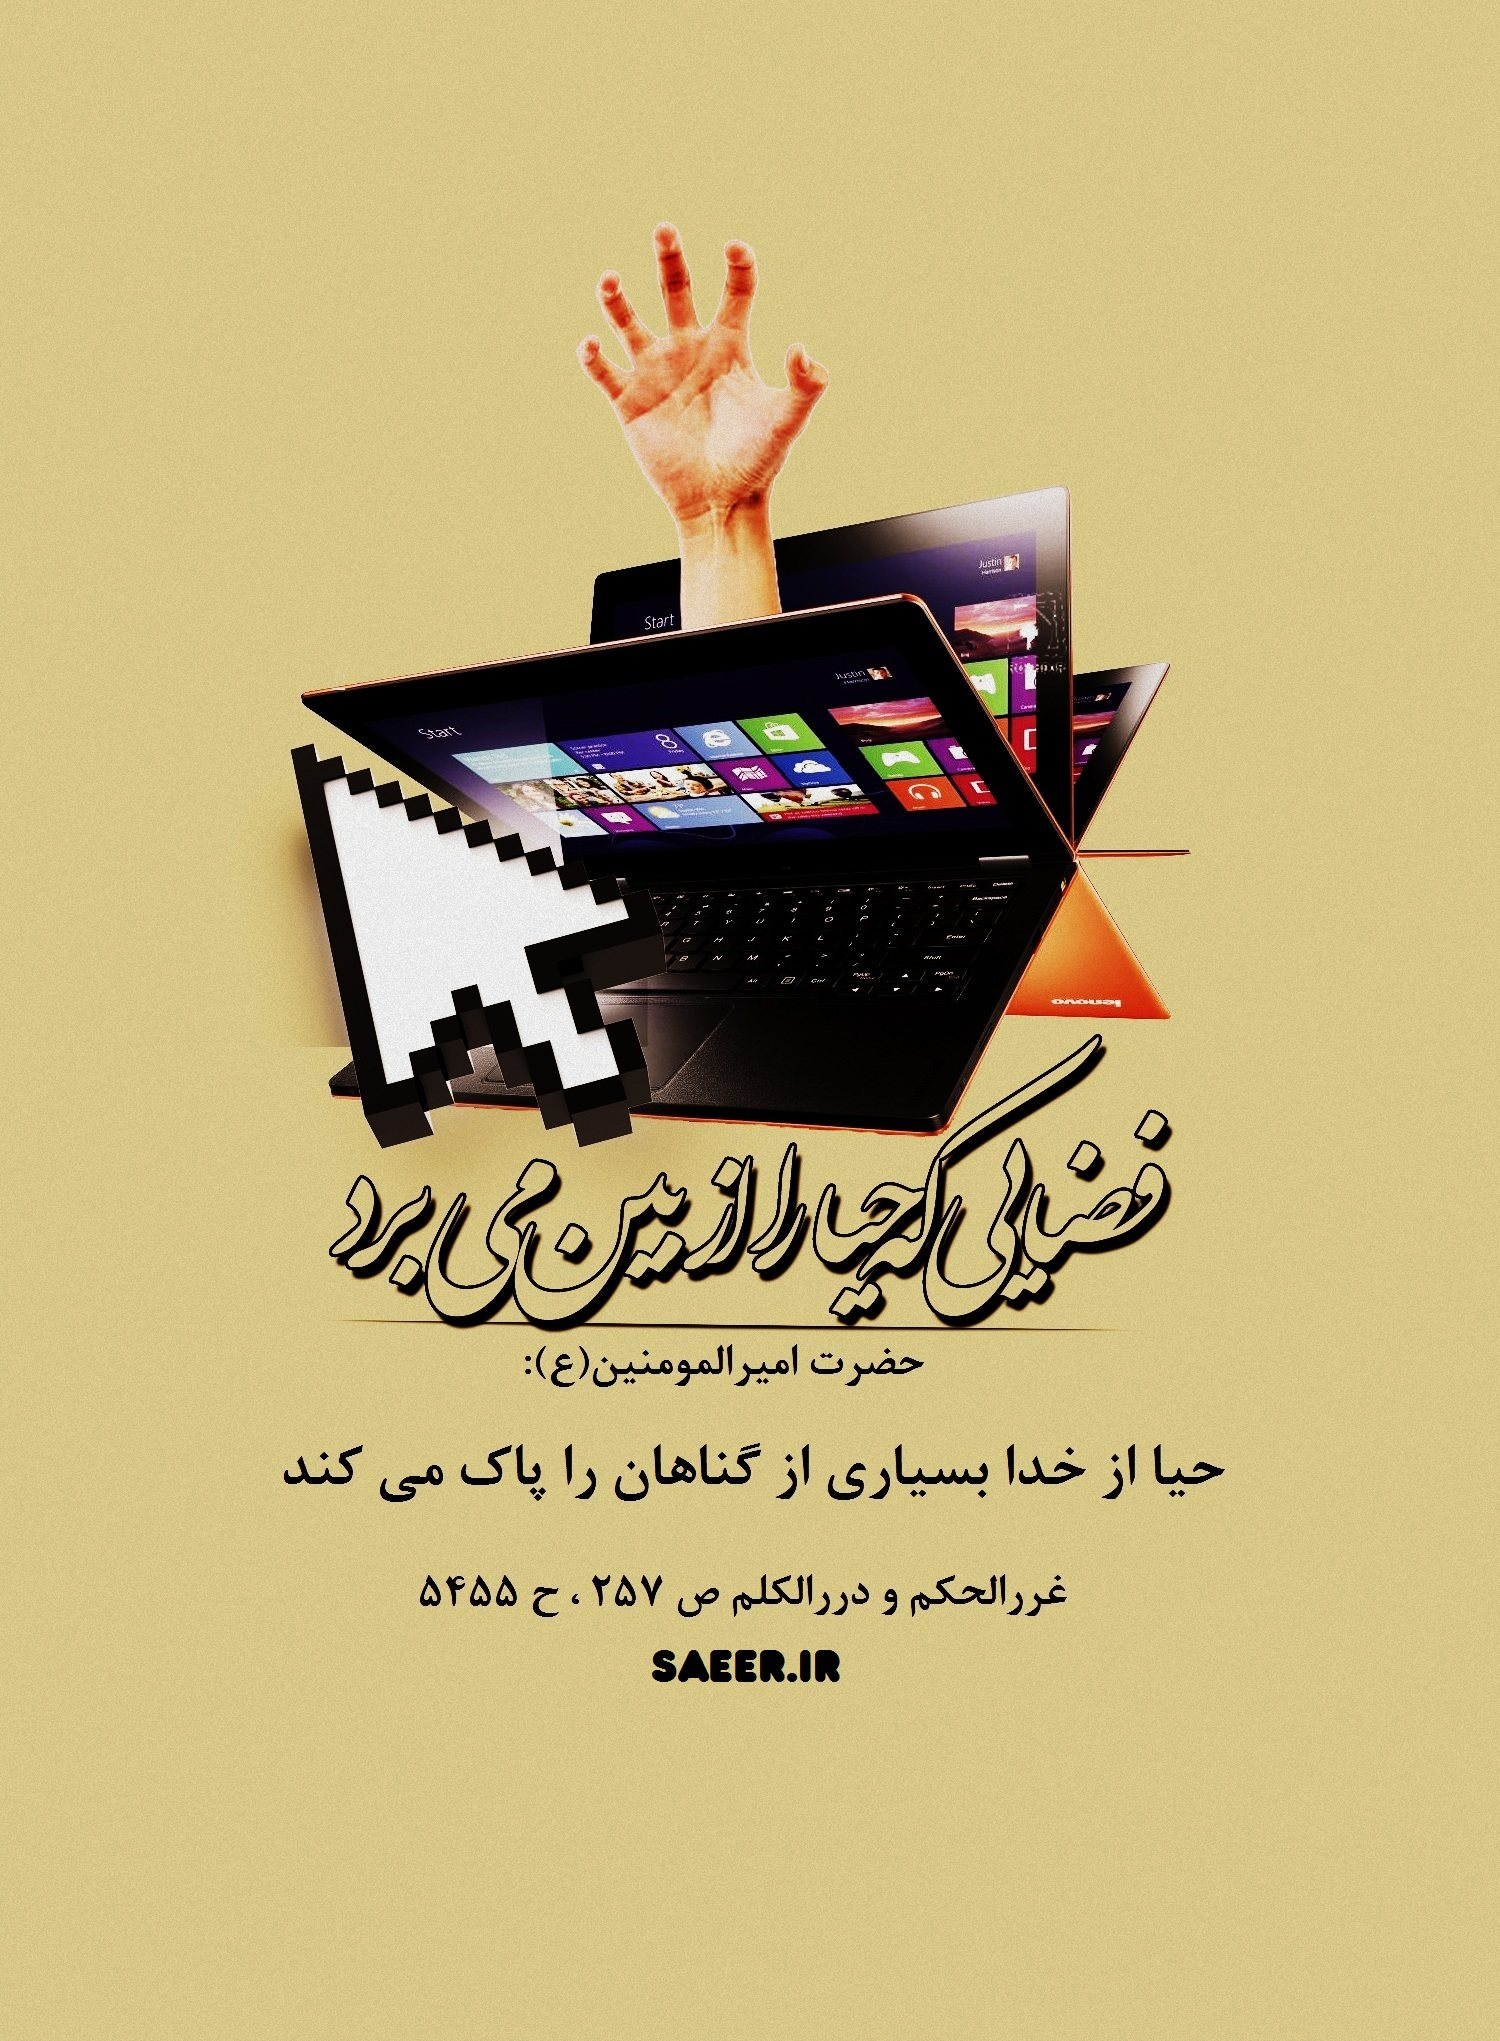 http://bayanbox.ir/view/633015588335908118/haya-saeer.ir.jpg